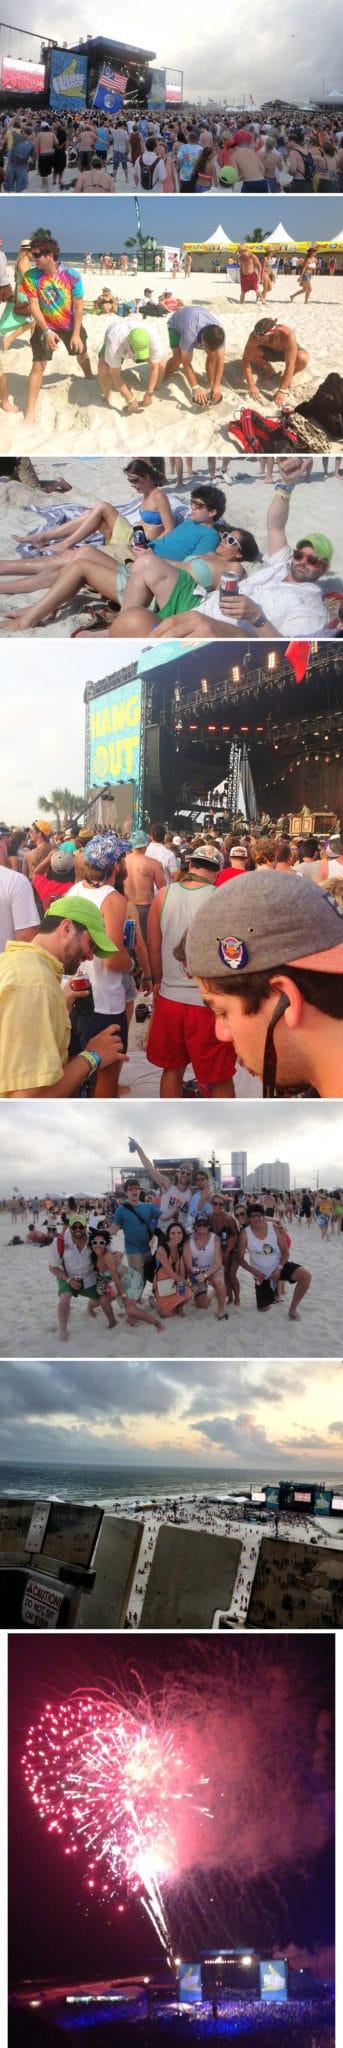 Hangout Festival Recap Photos by Hunter B. | Blue Mountain Belle